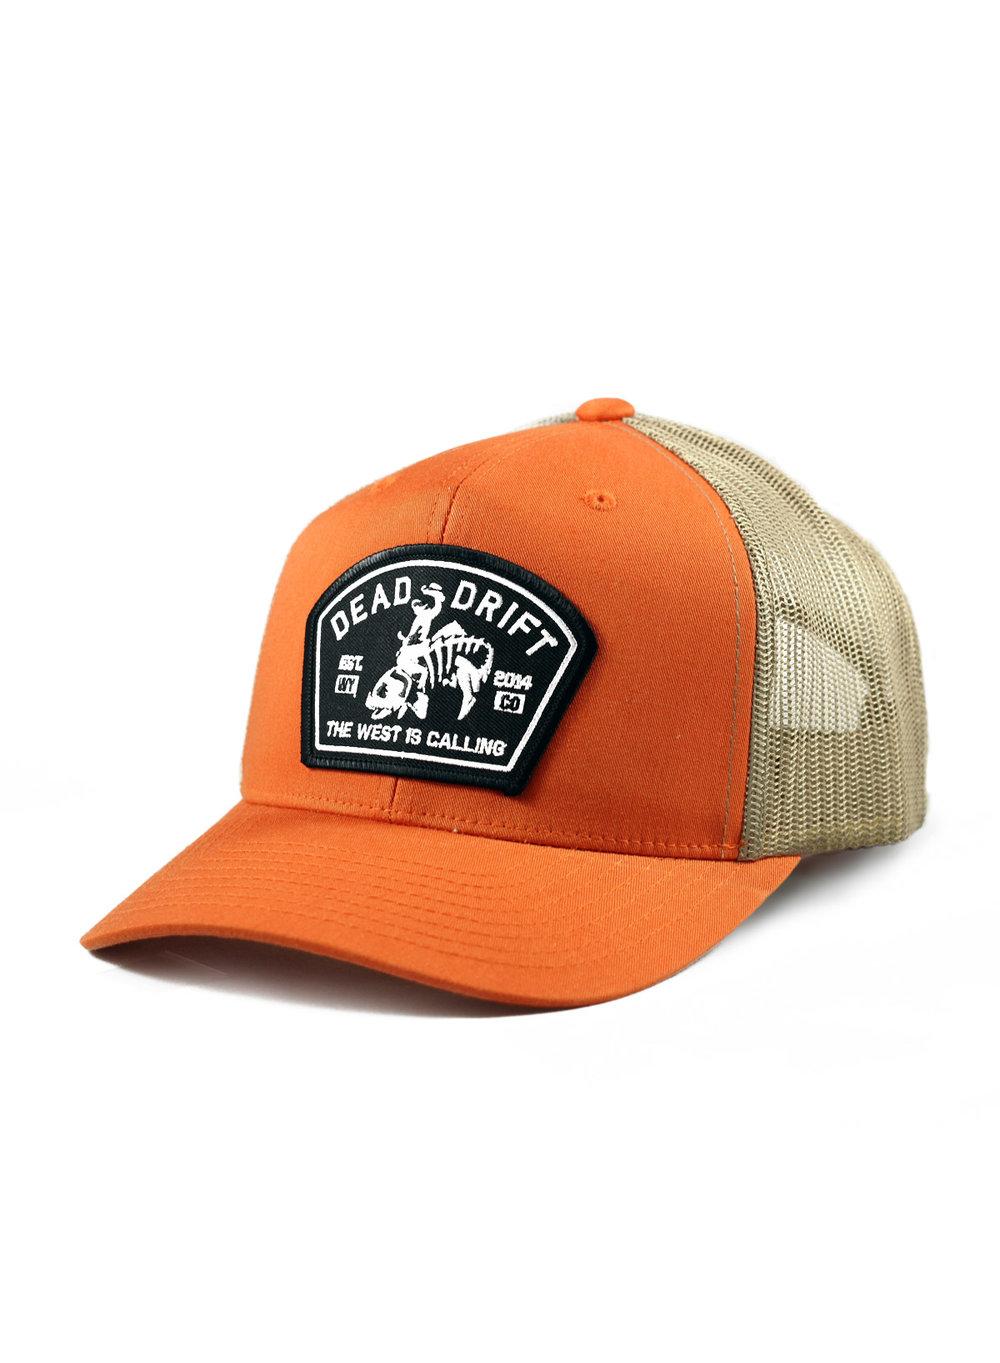 4d25e9d5ebfe5 Dead Drift Fly Bucking Trout Trucker Orange — Dead Drift